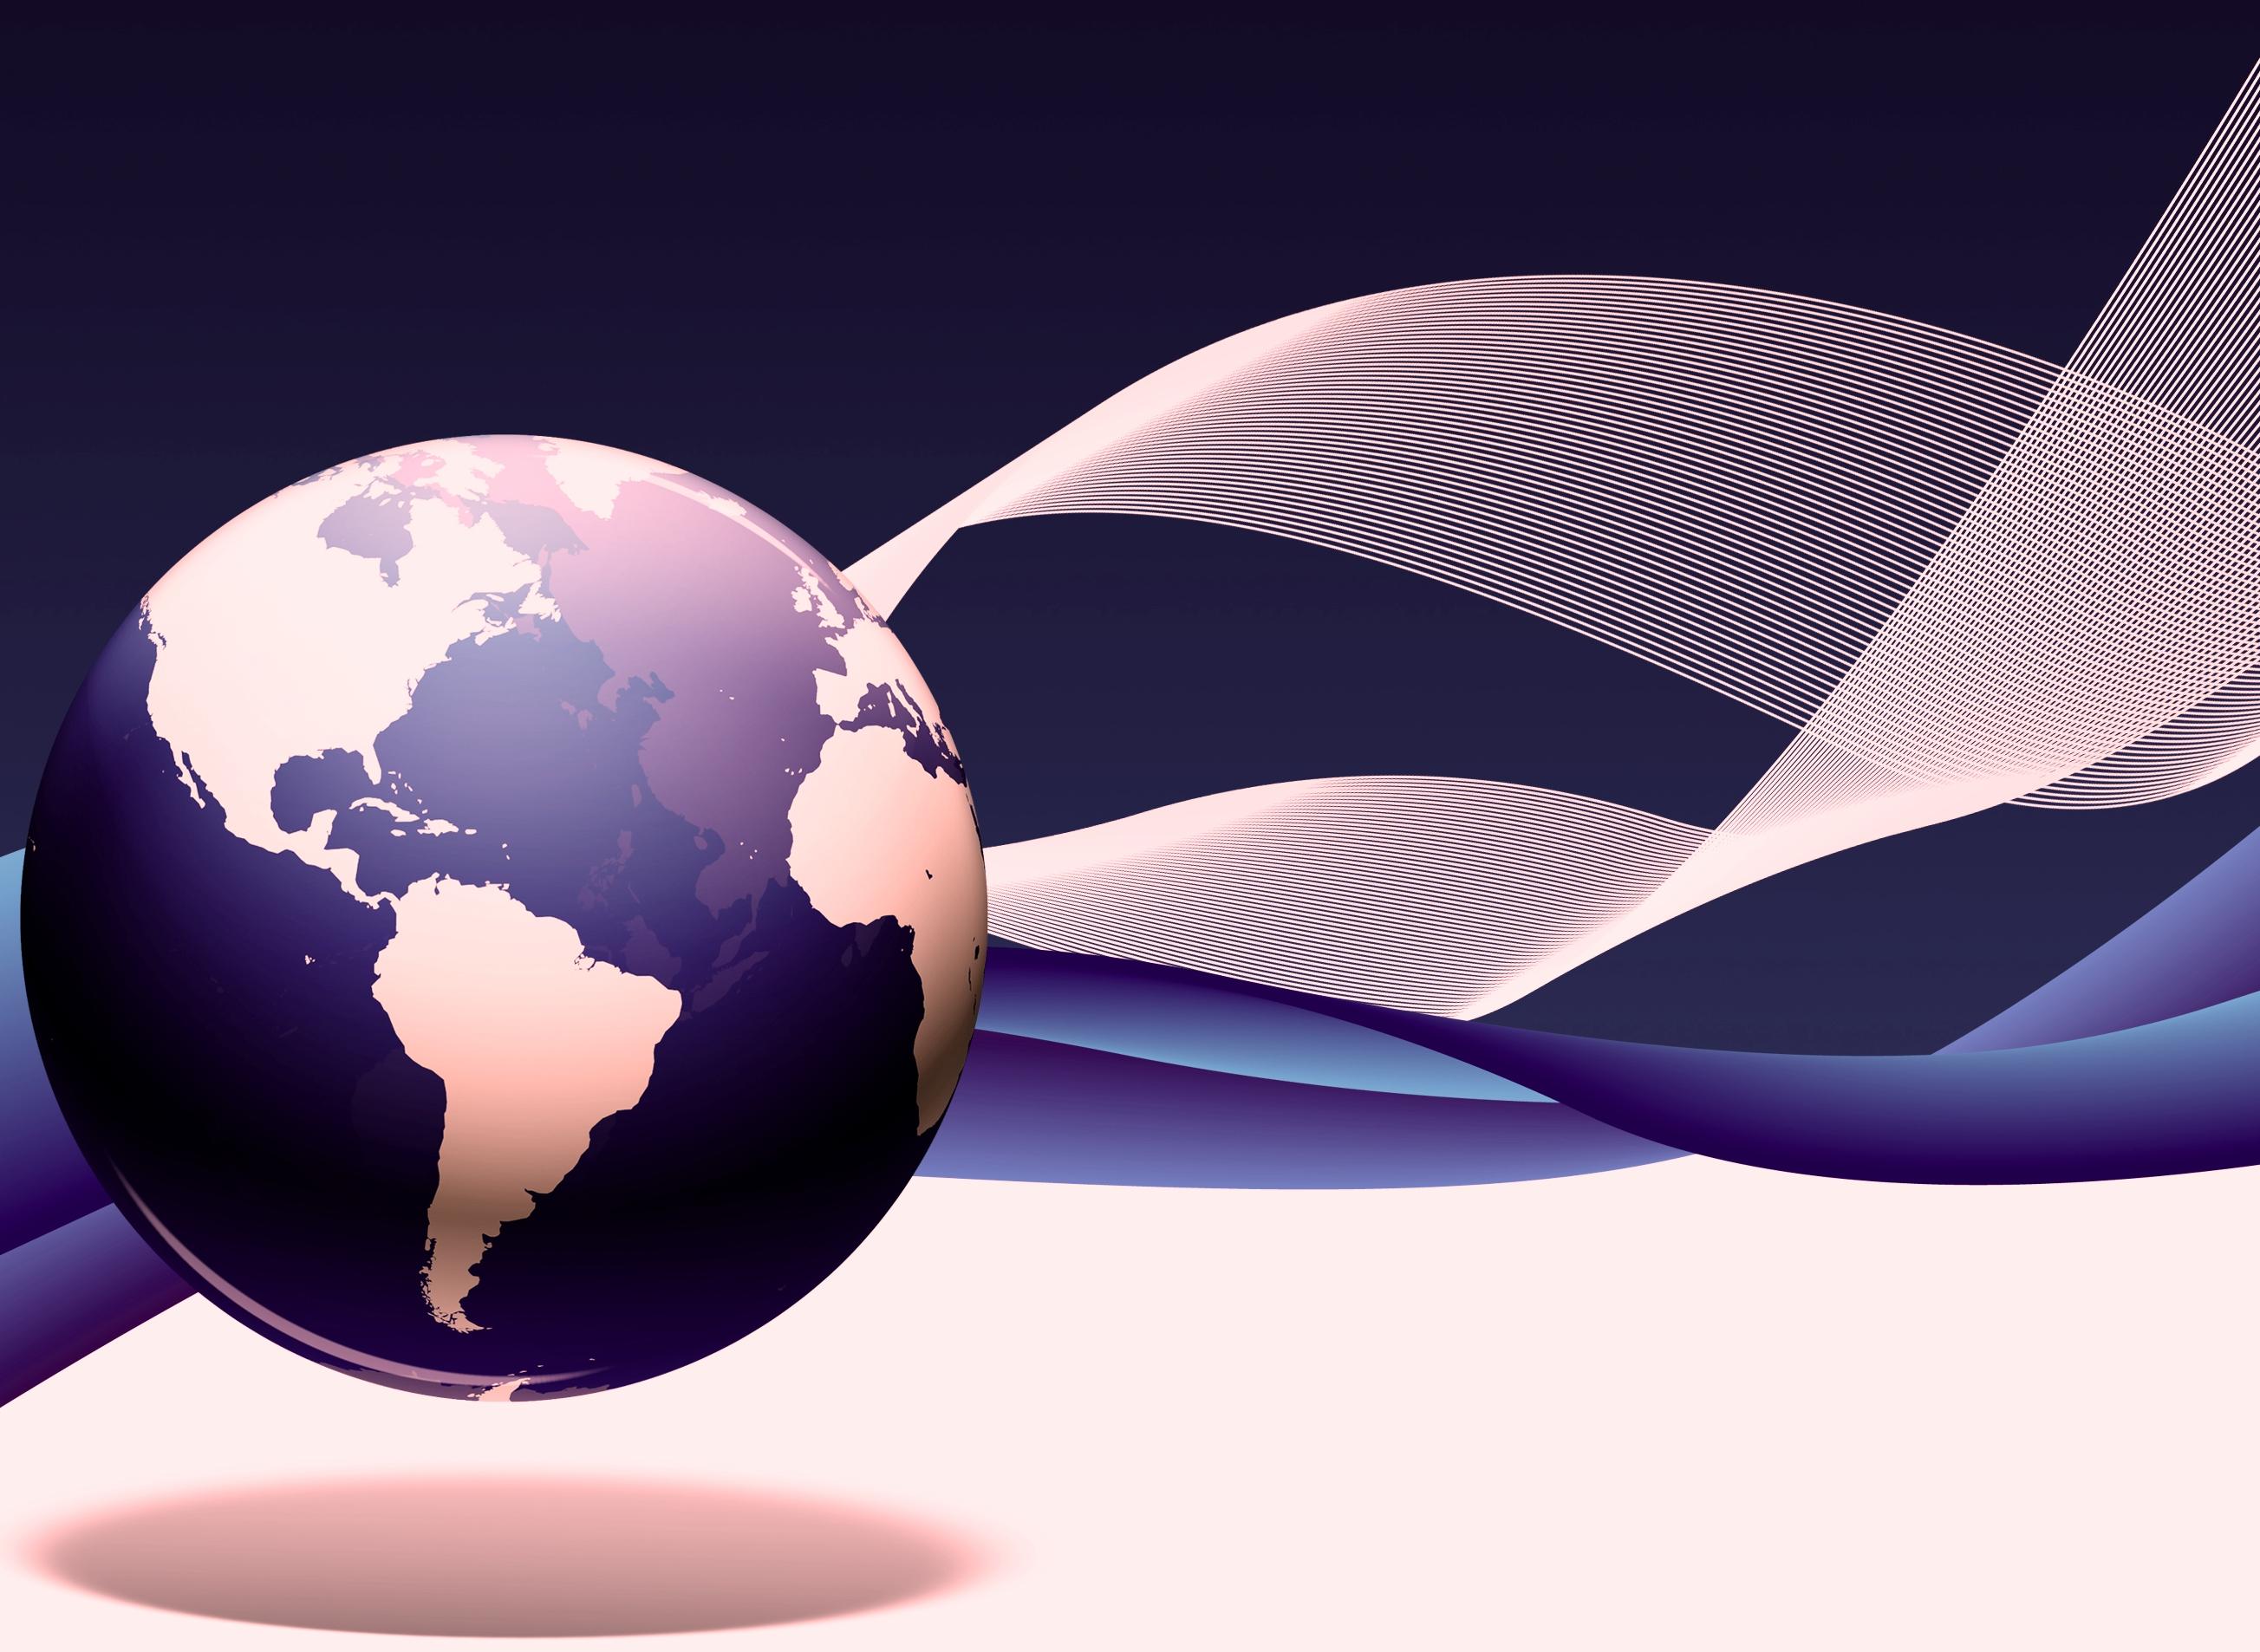 mundoevolucion